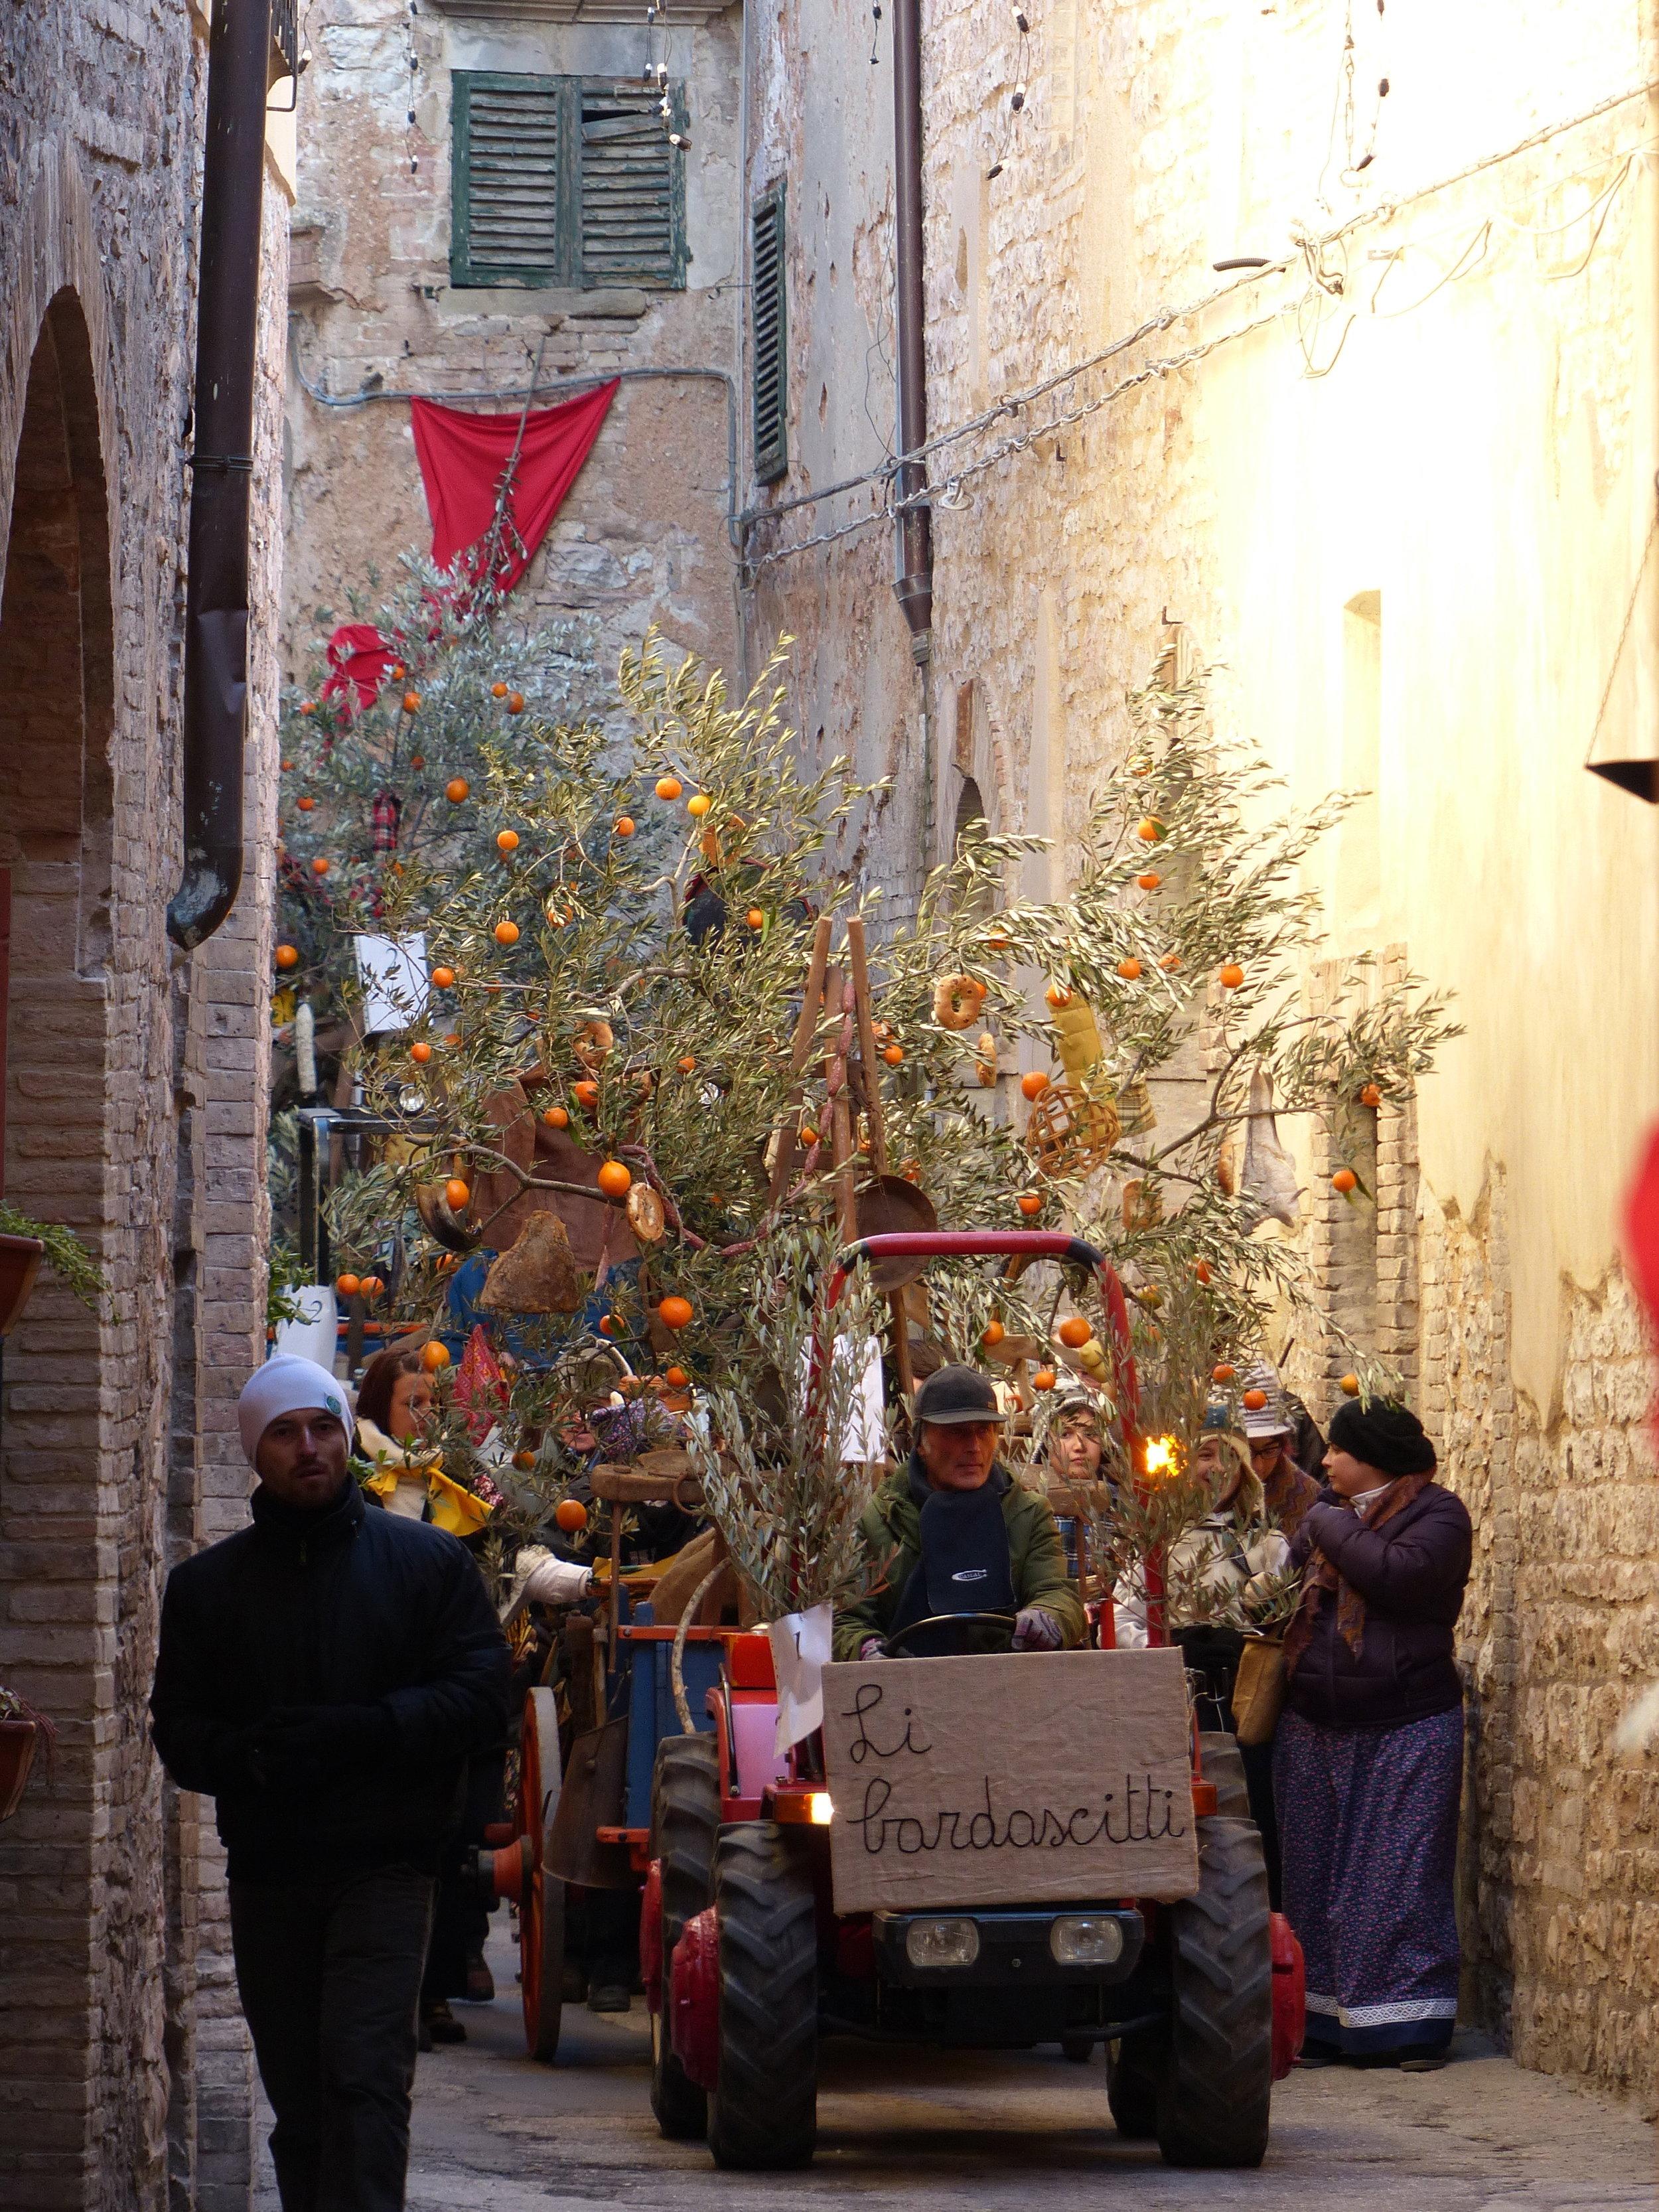 l'oro di spello festival, Umbria